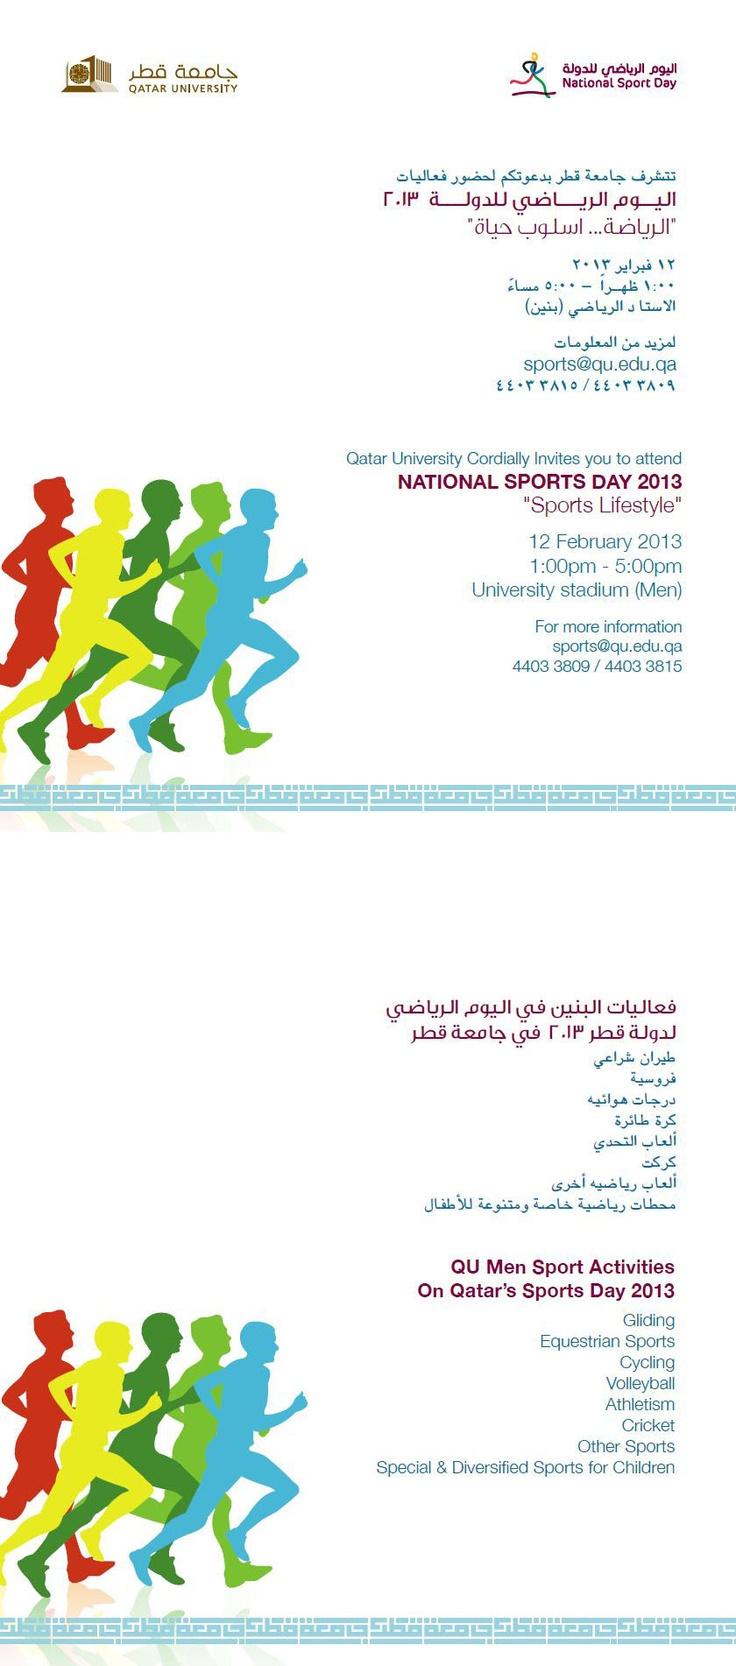 فعاليات البنين في اليوم الرياضي لدولة قطر ٢٠١٣ في جامعة